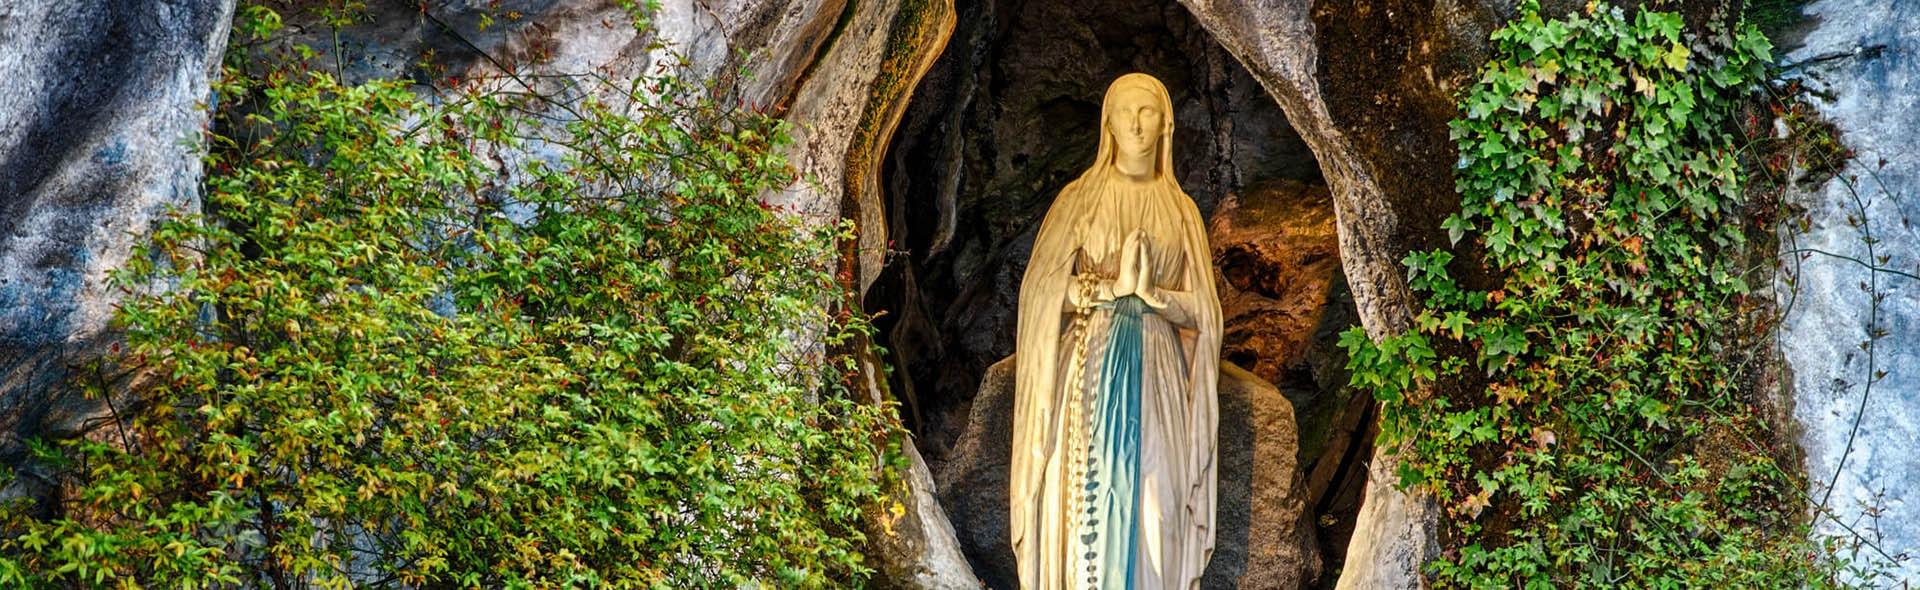 Viaggio a Lourdes in Aereo da Milano Luglio